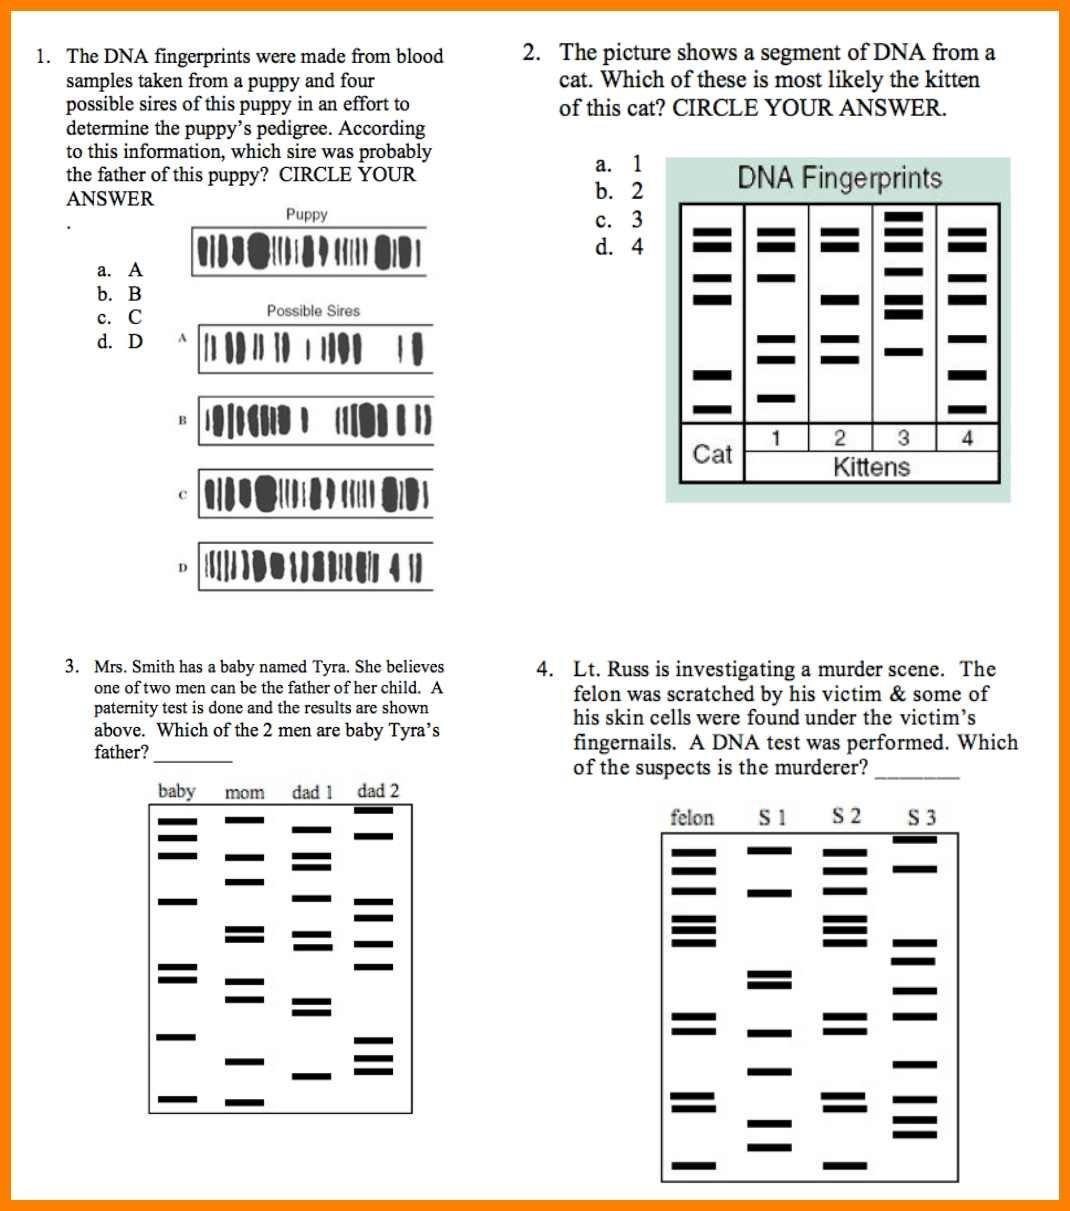 Worksheet Dna Fingerprinting Worksheet Worksheets Dna Intended For Dna Fingerprinting And Paternity Worksheet Answer Key